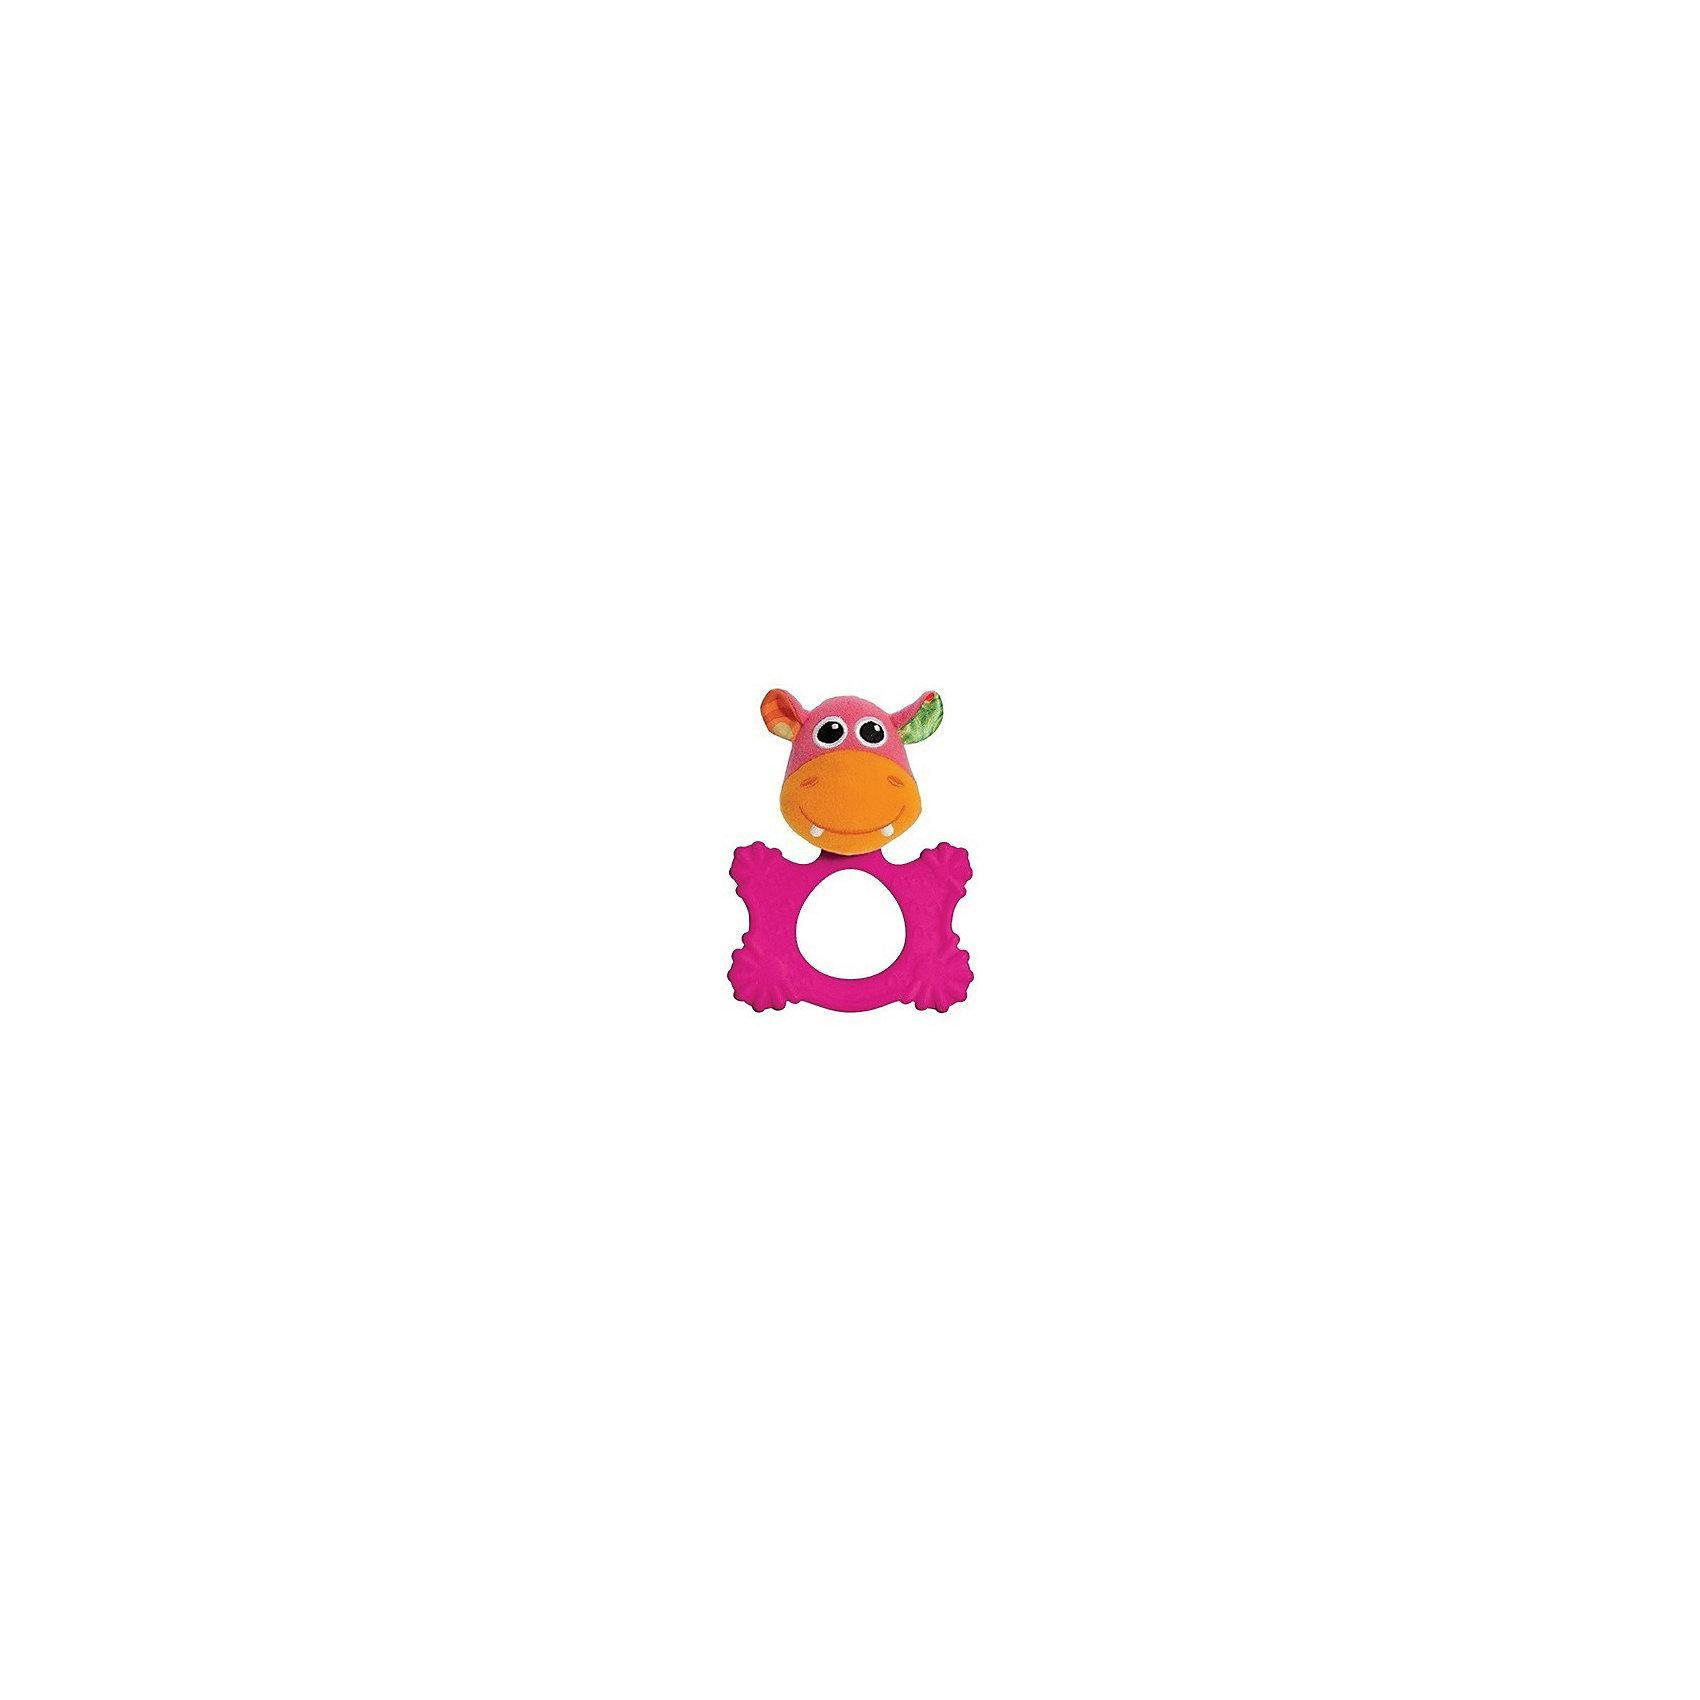 RU Прорезыватели для зубовTomy  Зверушки Лулу (бегемот)Прорезыватели<br>Прорезыватели для зубок - Зверушки Лулу (бегемот) от знаменитого британского бренда TOMY (Томи). Веселый прорезыватель поможет вашему малышу в то время, когда у него прорезываются зубки. Основная часть прорезывателя изготовлена из безопасного, слегка рельефного материала, который разработан для облегчения боли в этот трудный период. За игрушку легко хвататься, это позволит развить моторику ручек, а голова бегемота изготовлена из плюша и других текстурных материалов, что разовьет тактильное восприятие, внимание и воображение ребенка, сам же прорезыватель поможет с рефлексами жевания и кусания. Игрушку можно мыть горячей водой с мылом, не рекомендуется кипячение.<br>- Дополнительная информация:<br>- Материал: пластик, текстиль<br>- Размер 19 * 12,5 * 3,5 см.<br><br>Прорезыватели для зубок - Зверушки Лулу (бегемот) TOMY можно купить в нашем интернет-магазине.<br><br>Подробнее:<br>• Для детей в возрасте: от 3 месяцев до 1 года<br>• Номер товара: 4918379<br>Страна производитель: Китай<br><br>Ширина мм: 125<br>Глубина мм: 210<br>Высота мм: 40<br>Вес г: 163<br>Возраст от месяцев: 0<br>Возраст до месяцев: 12<br>Пол: Унисекс<br>Возраст: Детский<br>SKU: 4918379